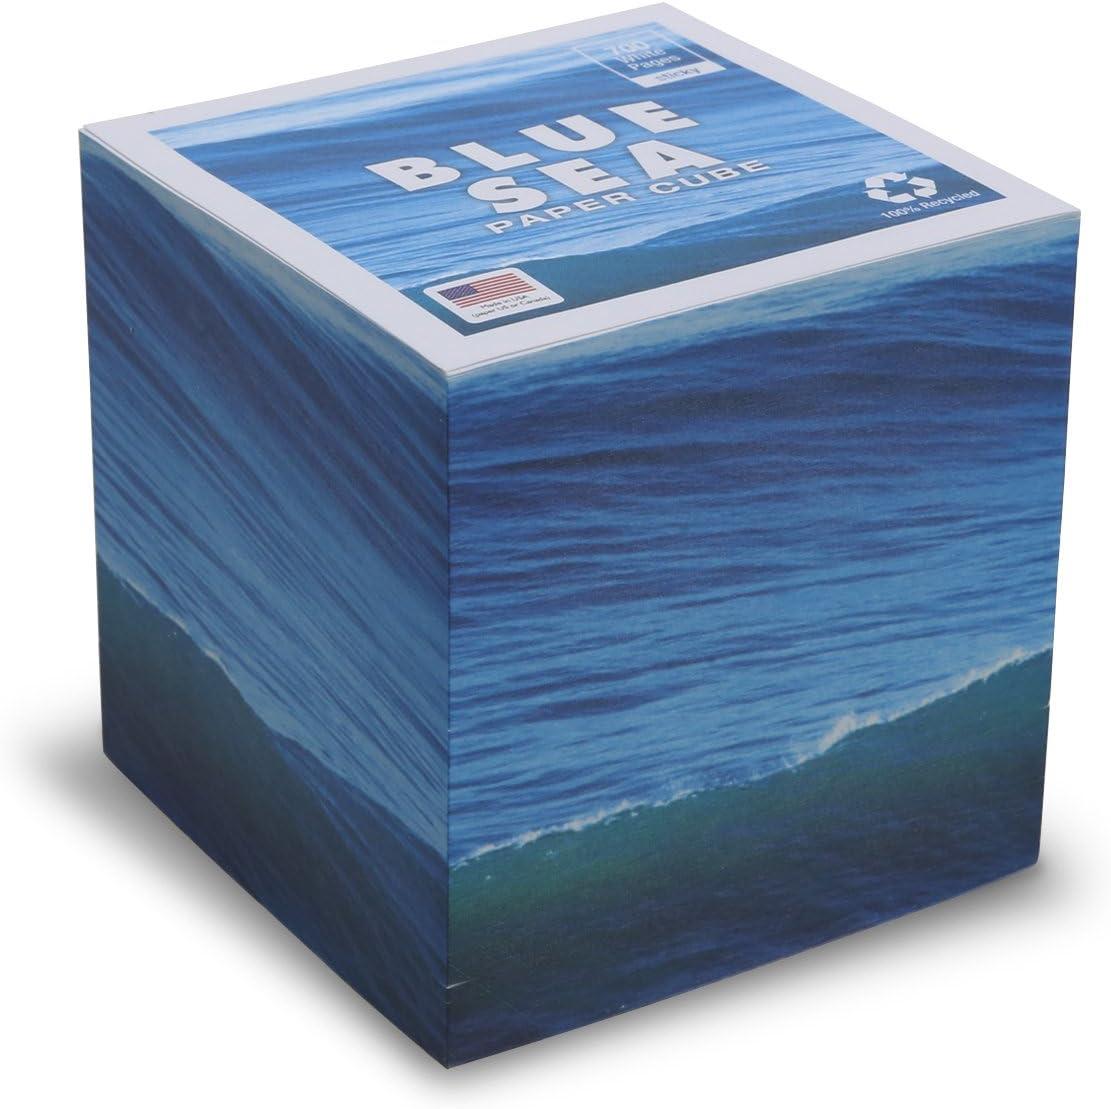 """(スティッキー)ブルー海NOTEキューブwith 700ホワイトtear-off Not Looseページ、Made in USA (用紙米国またはカナダ) 100 %リサイクル24横目、3.5 """" X 3.5 """" X 3.5 """""""